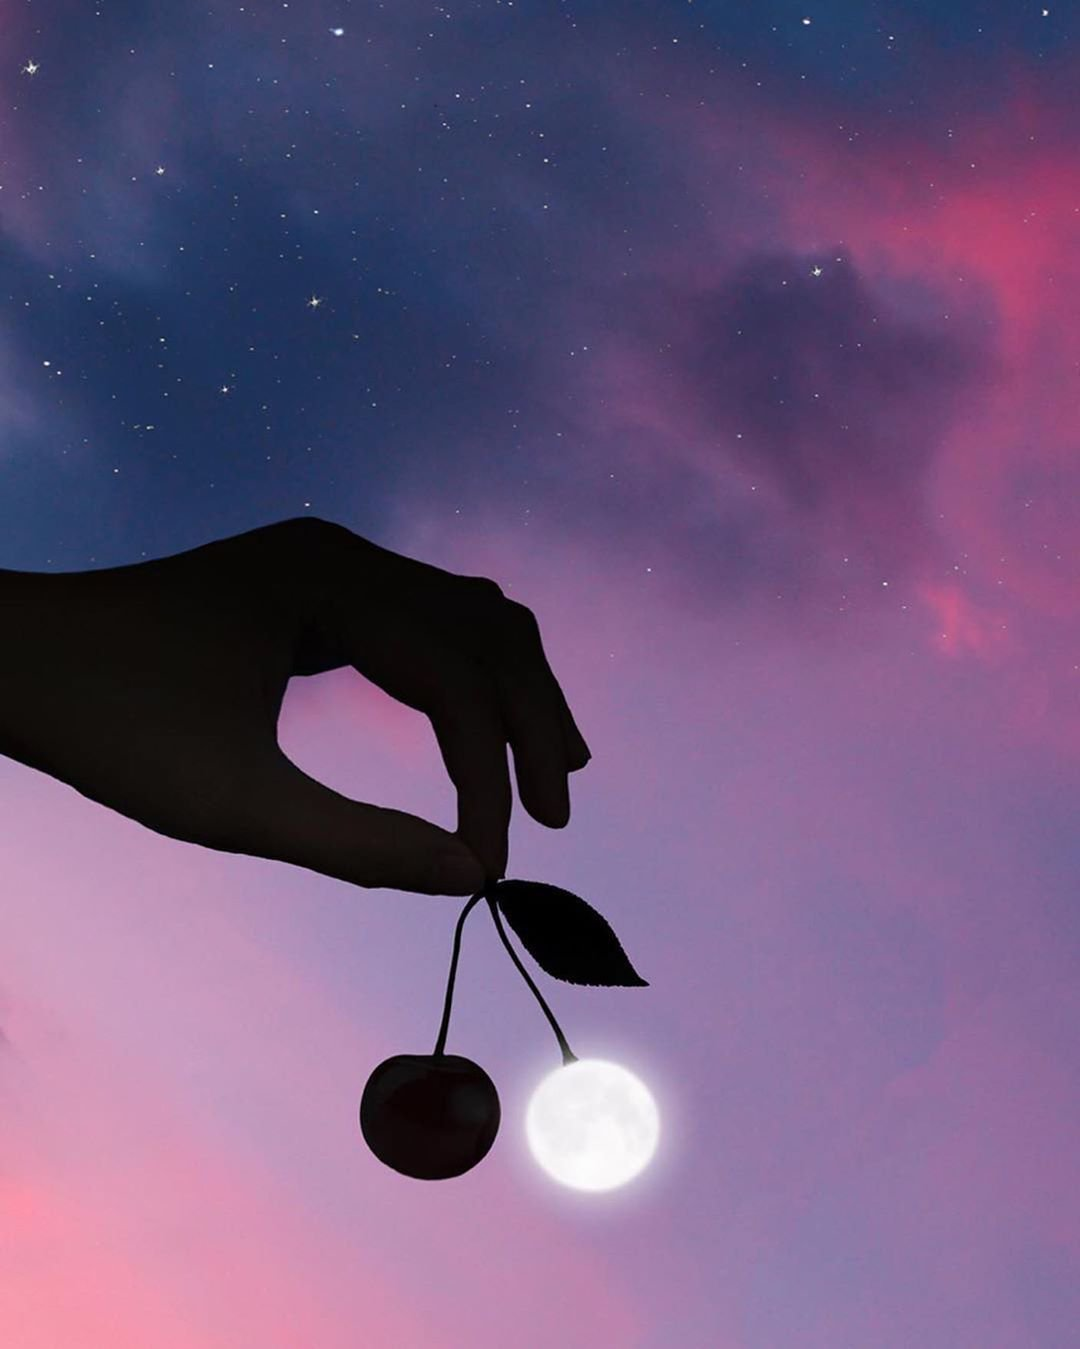 달과 구름으로 만들어낸 아름다운 사진들 | 인스티즈